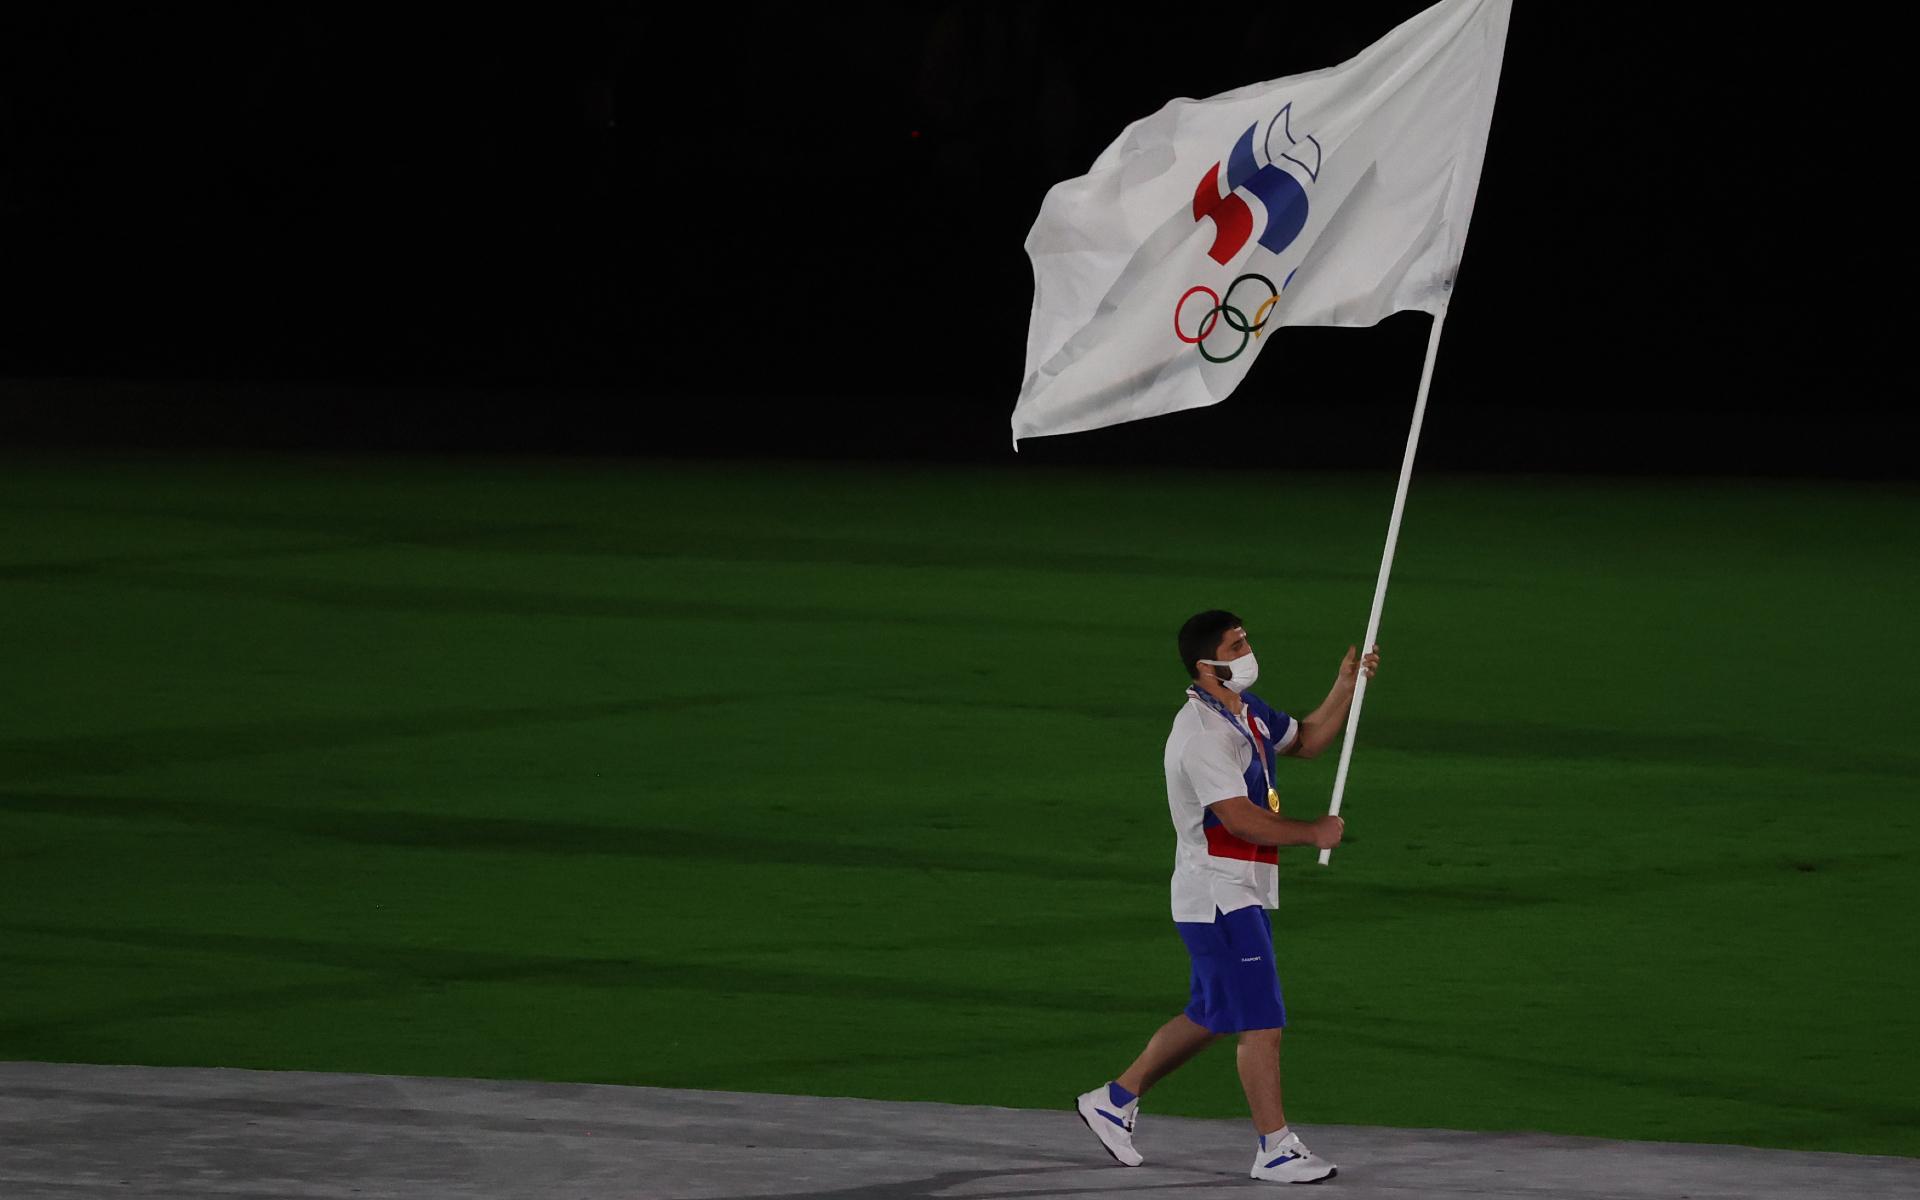 Фото: Знаменосец команды ОКР борец Абдулрашид Садулаев во время парада атлетов на церемонии закрытия Олимпийских Игр на Национальном олимпийском стадионе в Токио (Станислав Красильников/ТАСС)